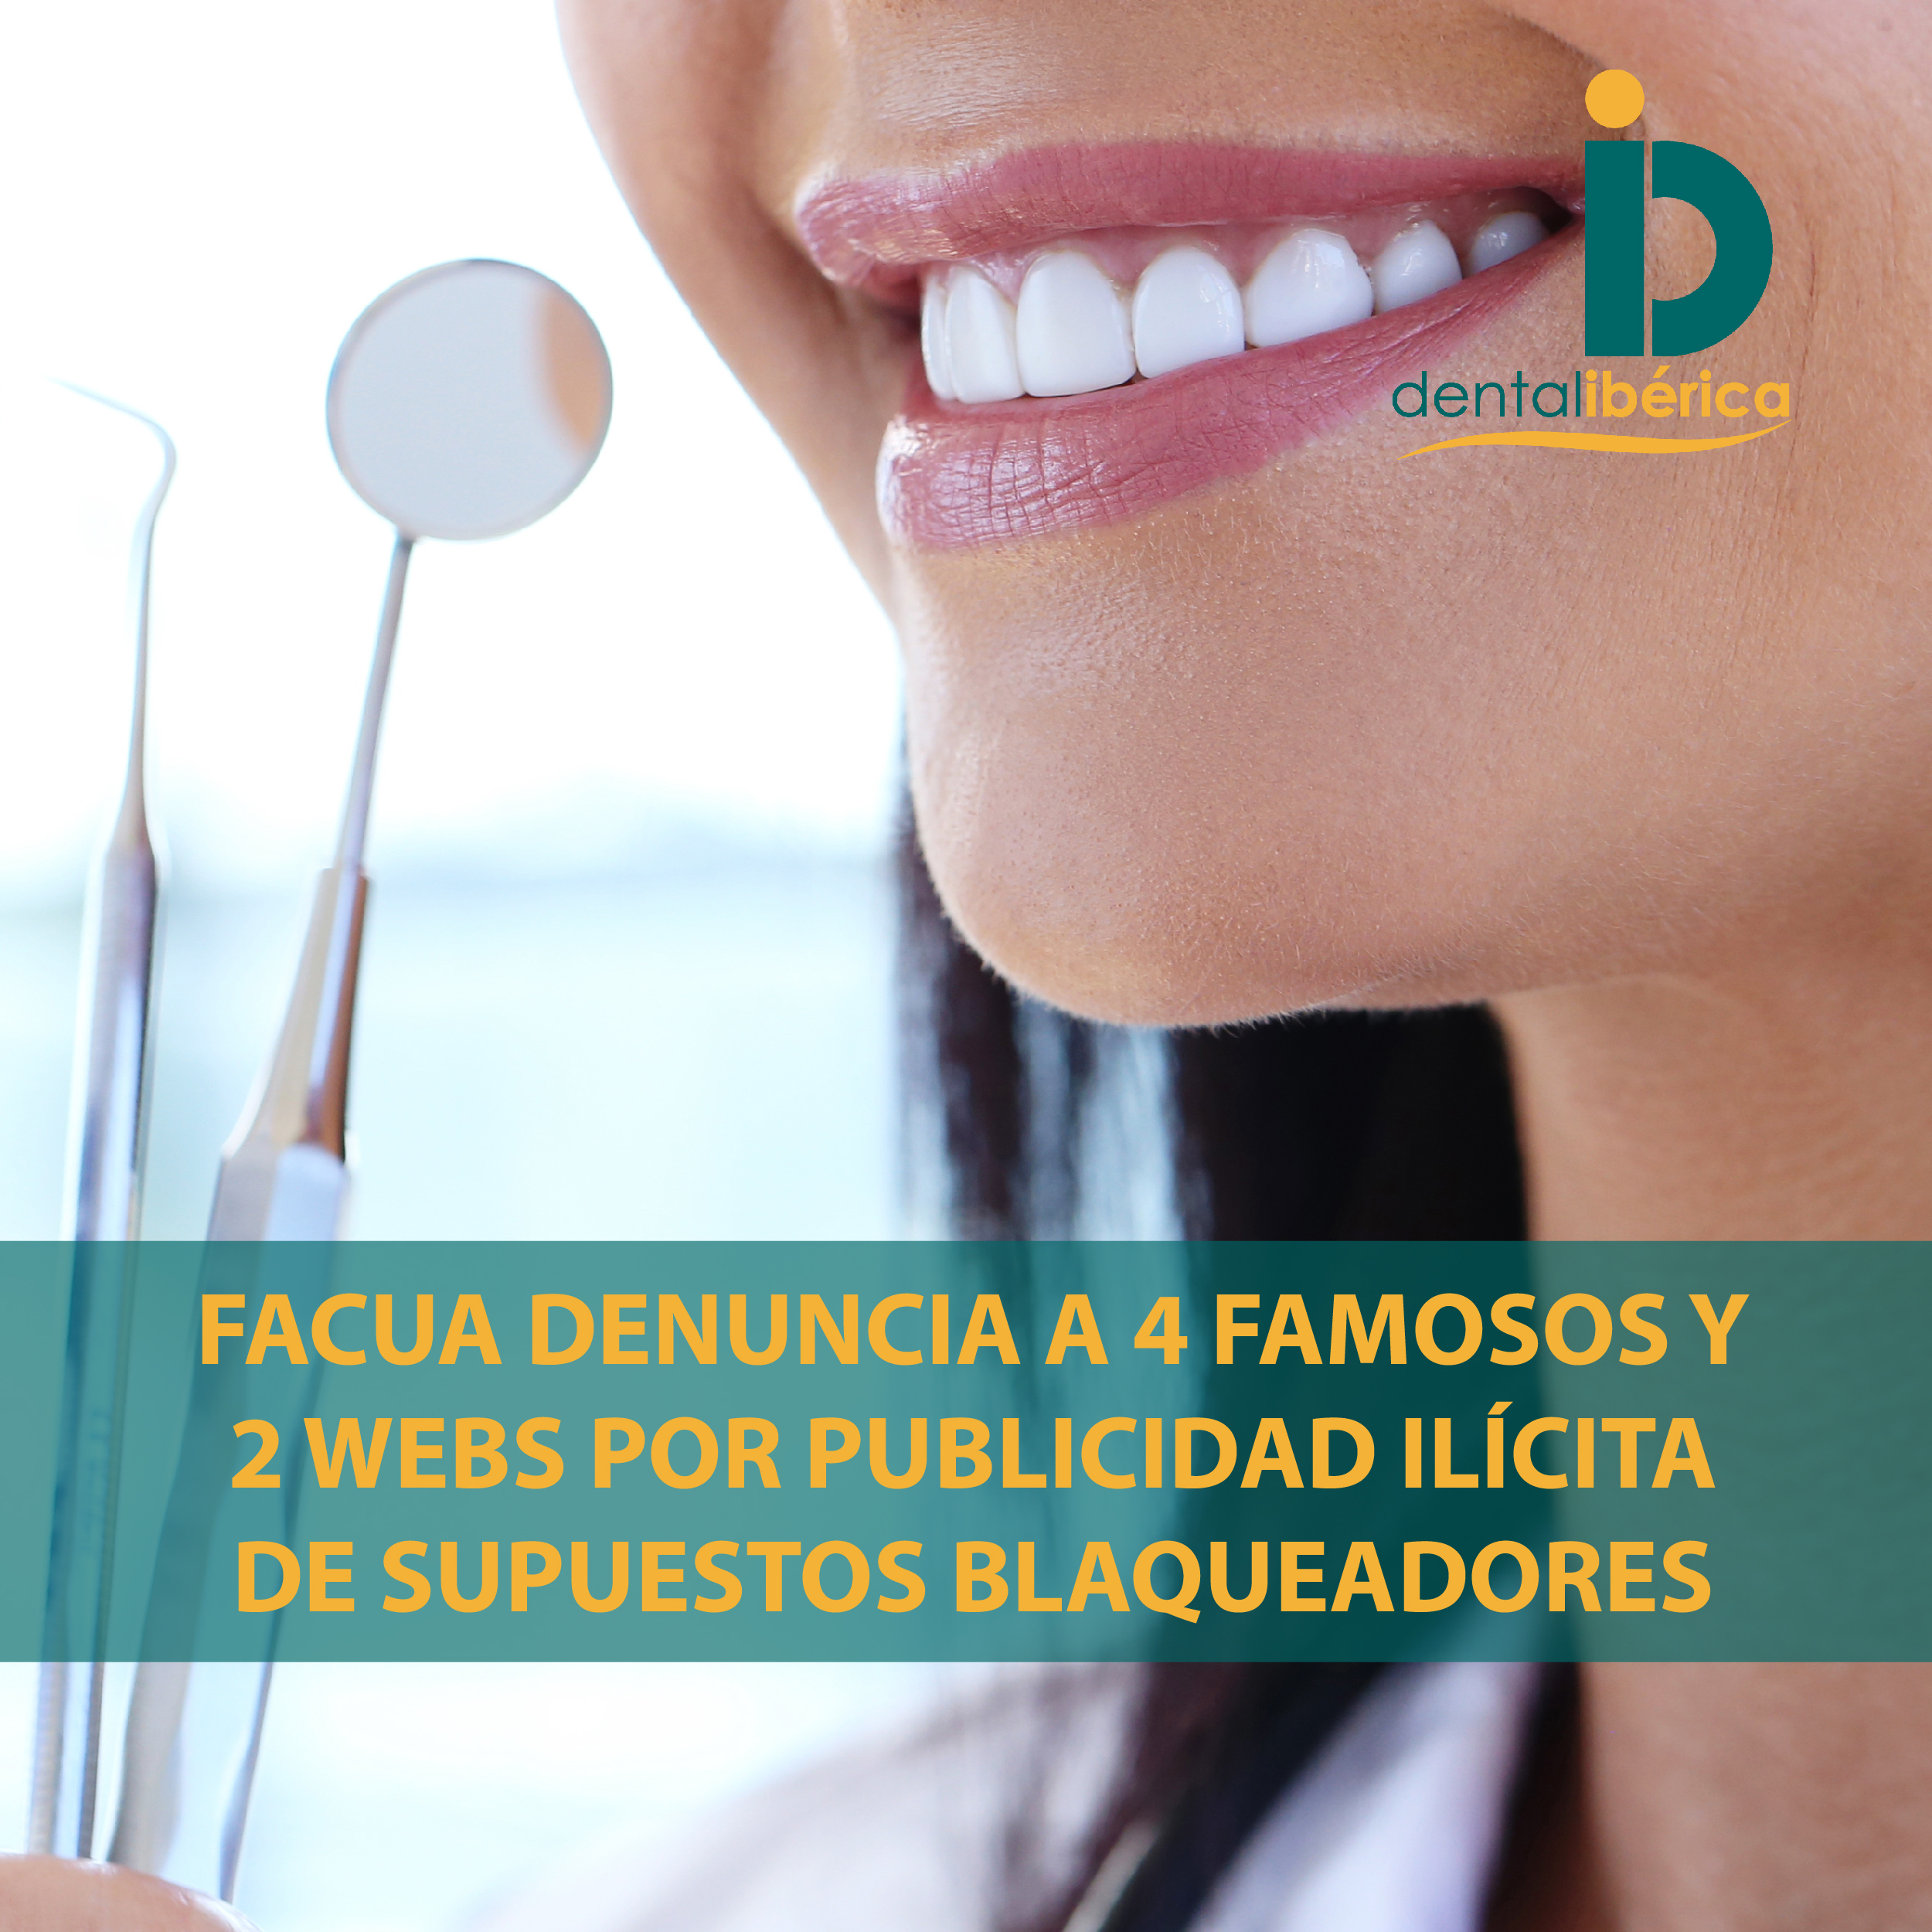 FACUA denuncia a 4 famosos y 2 webs por publicidad ilítica